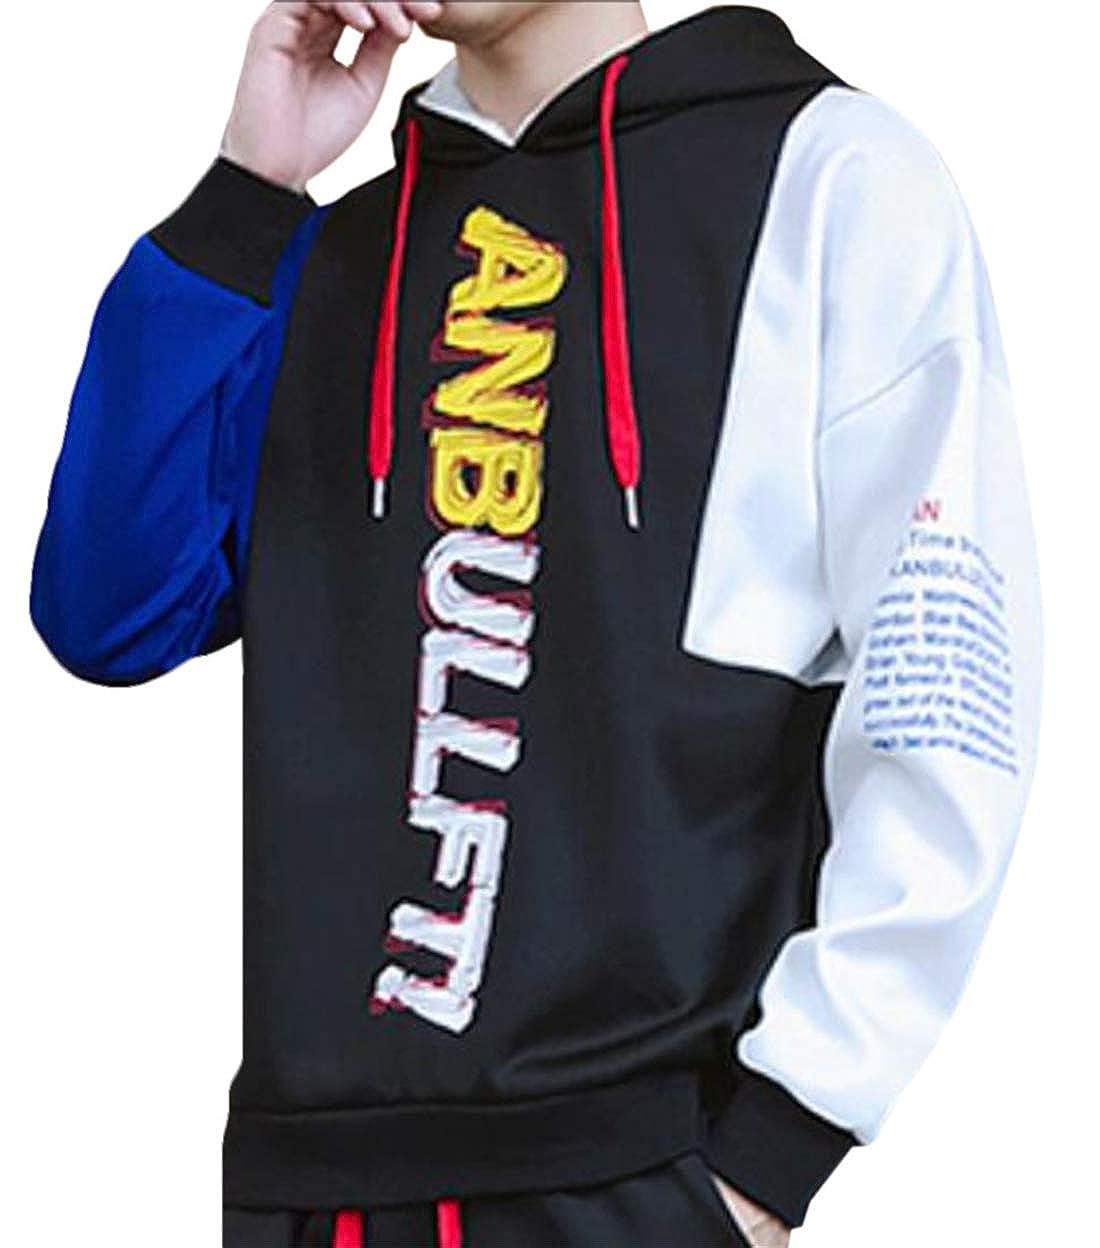 XTX Men 2 Pcs Colorblock Hoodie Thicken Fleece Lined Jogger Sweatsuit Outfit Set Black M